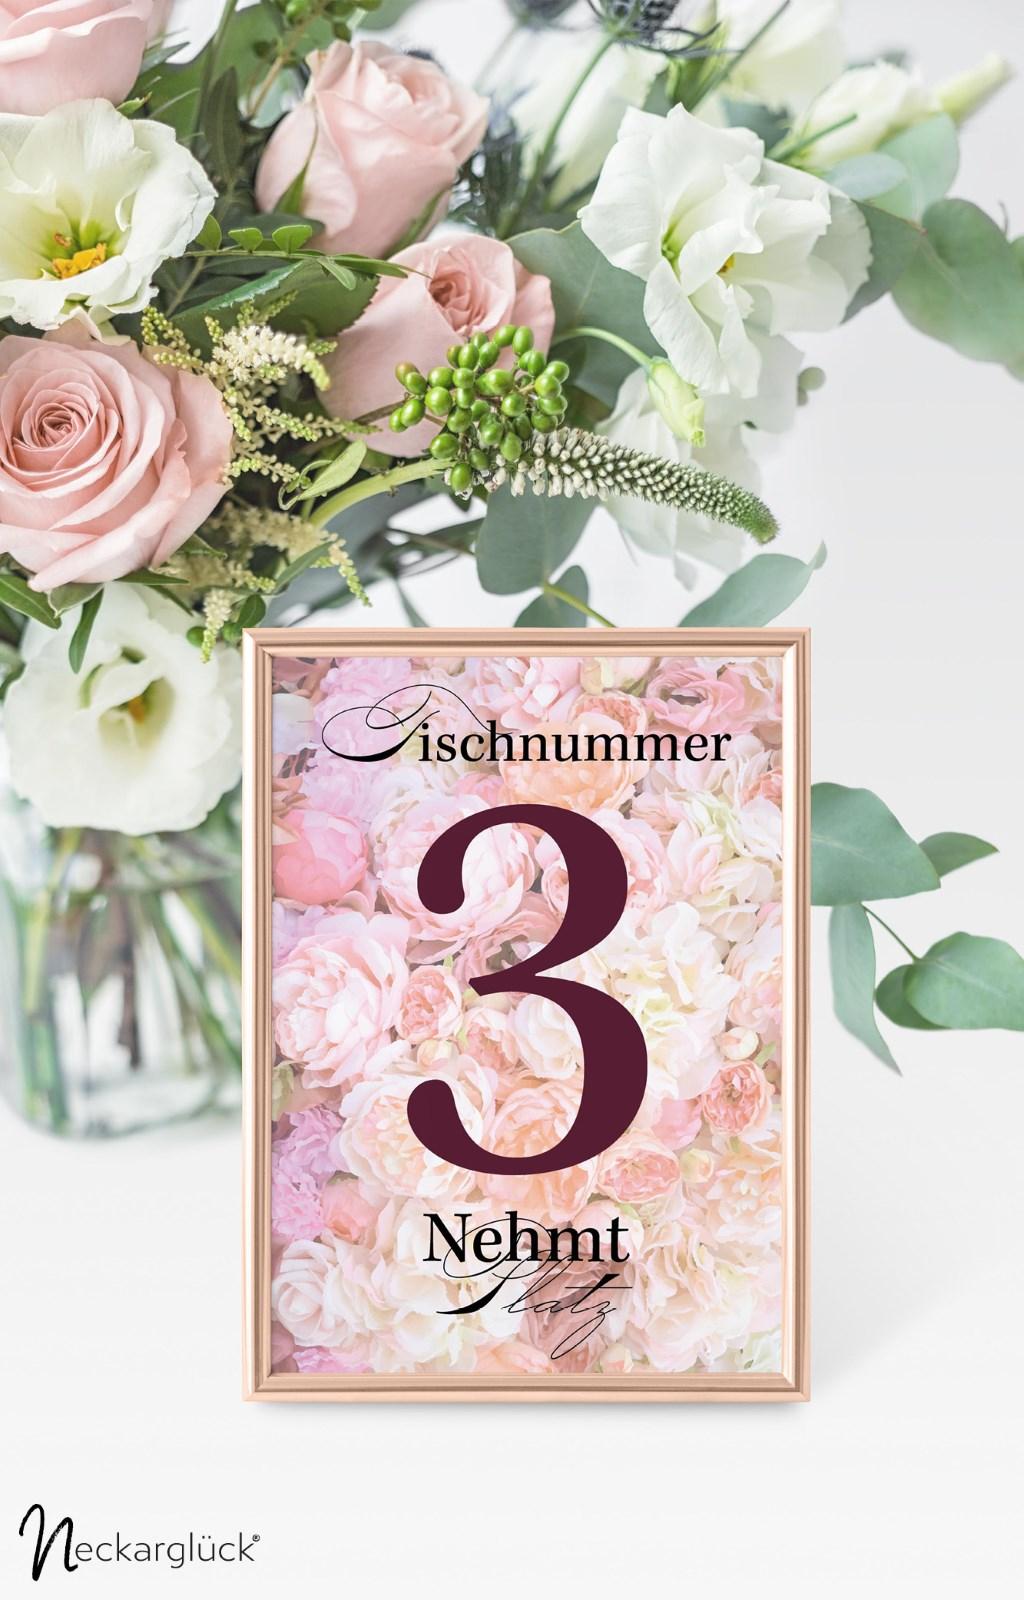 Tischnummernkarte der Serie Floral Explosion von Neckarglück